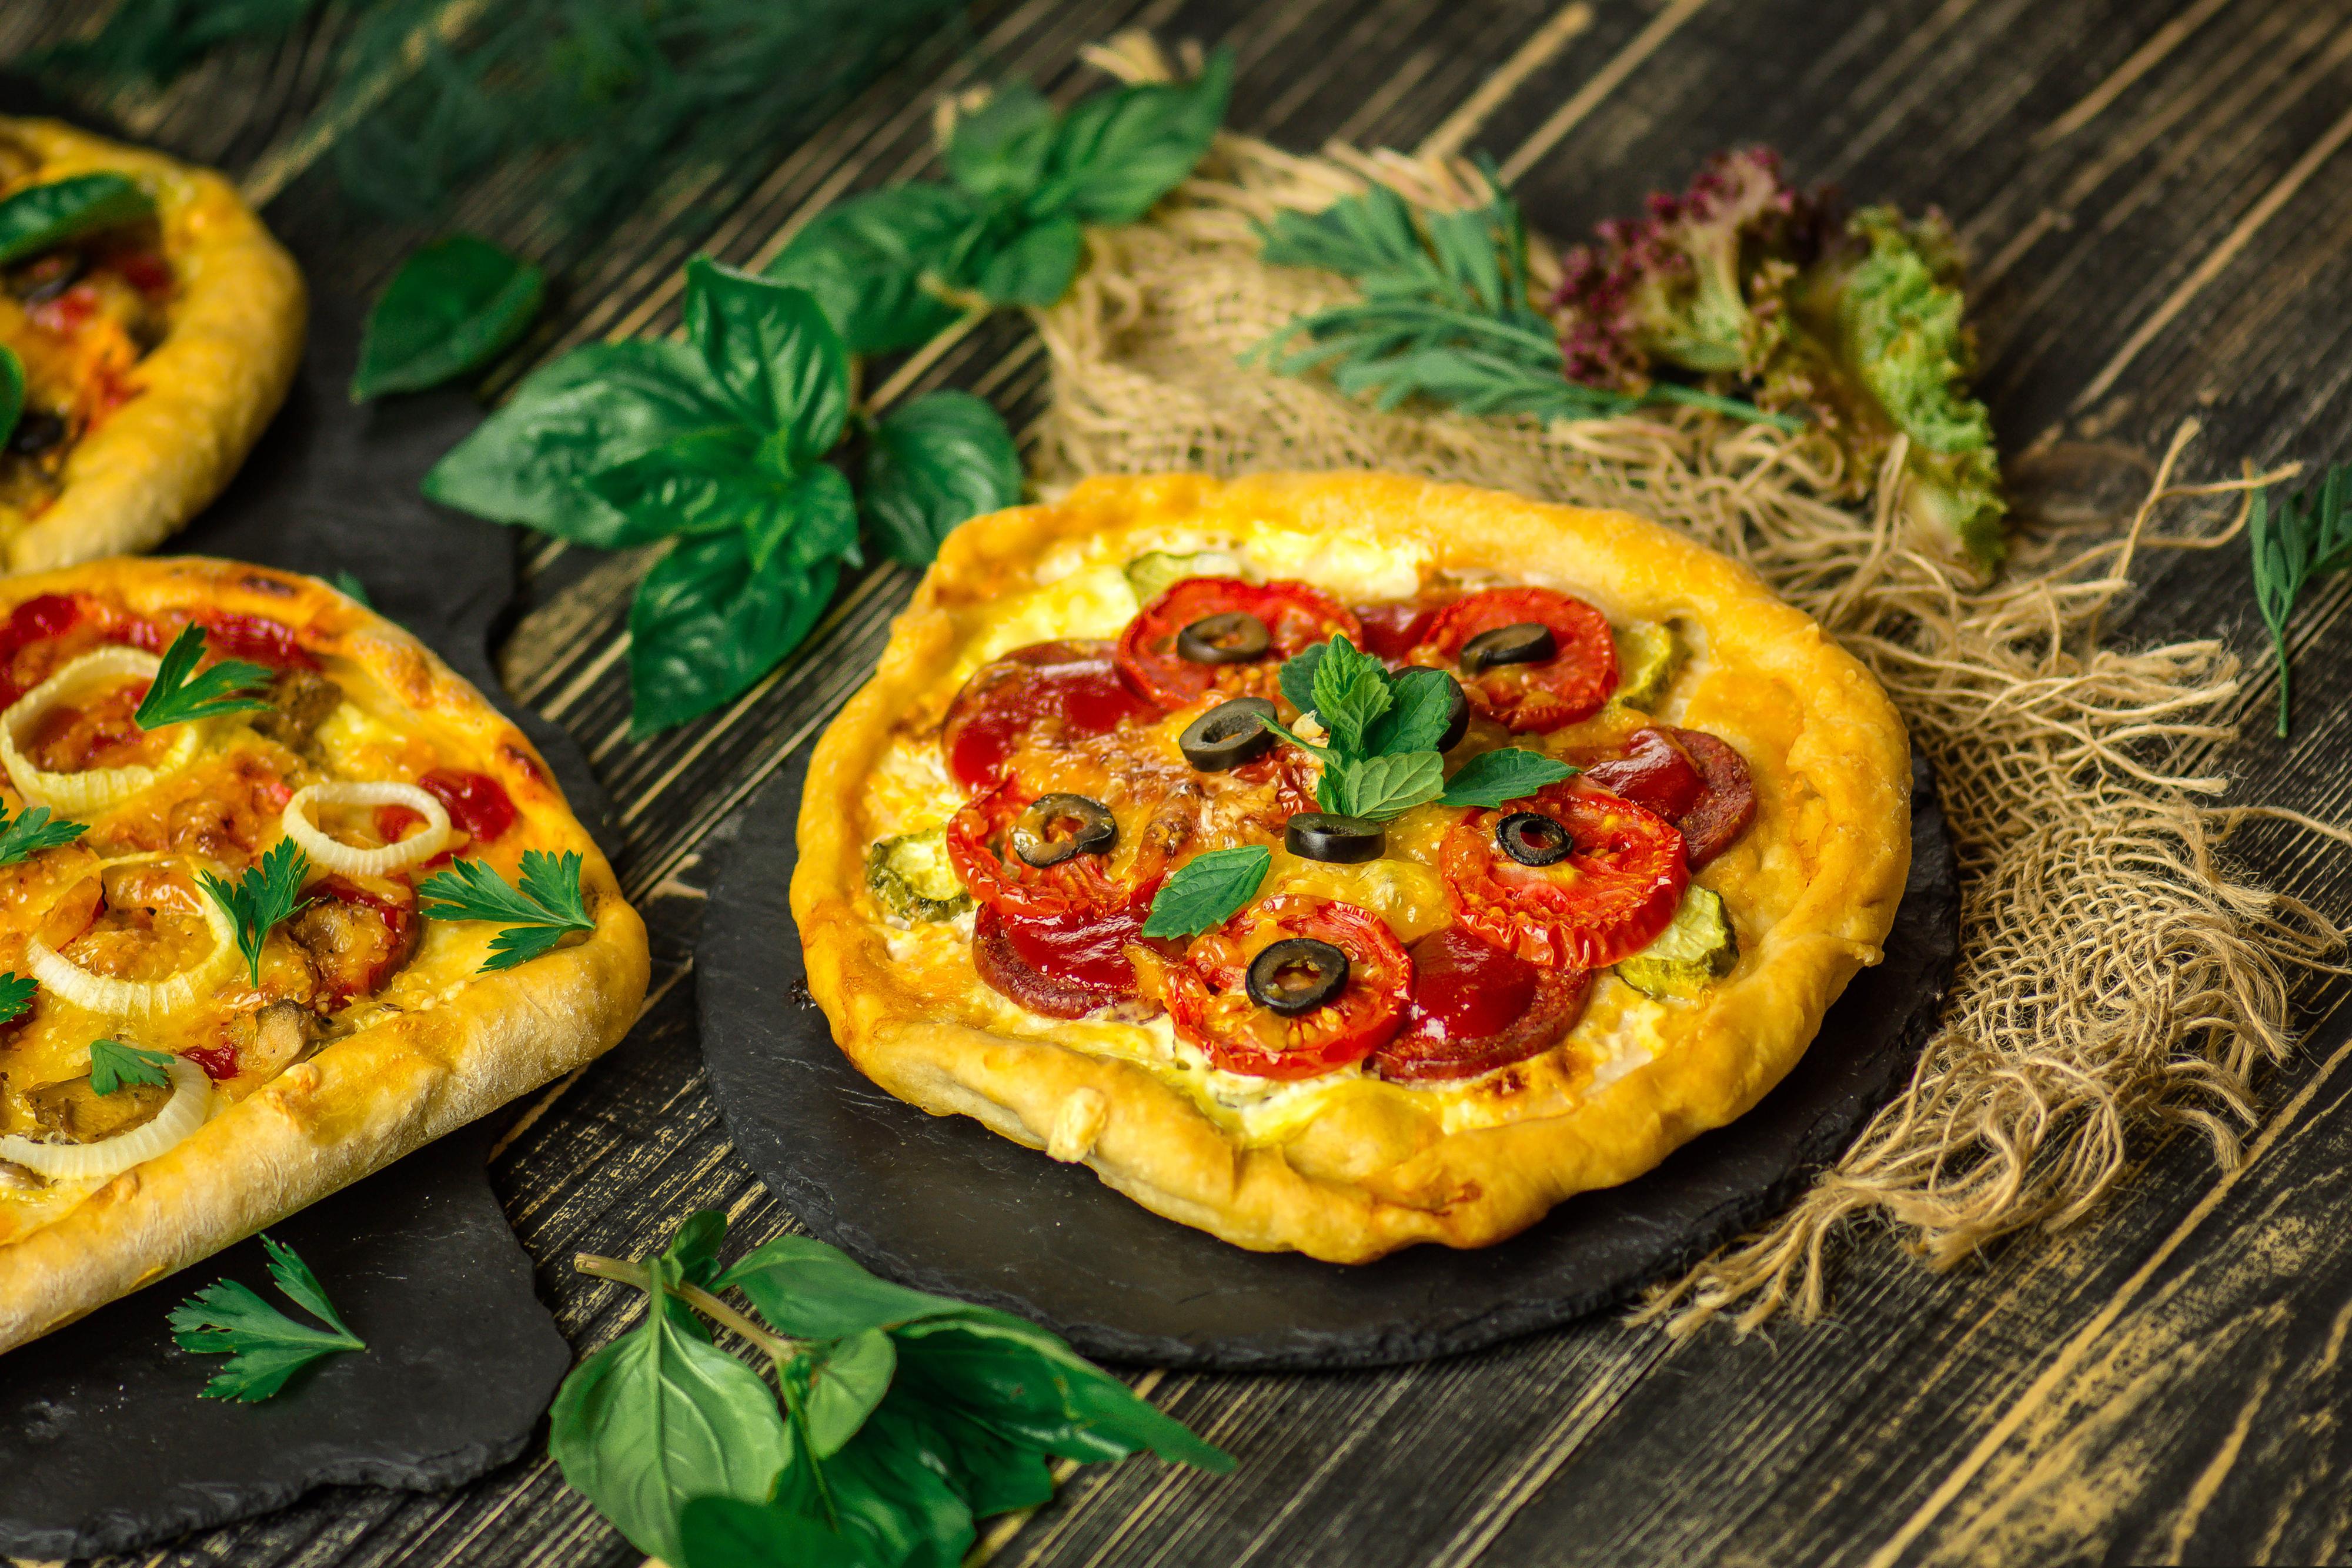 Restaurantes em Campinas: 10 opções na região do Campo Grande